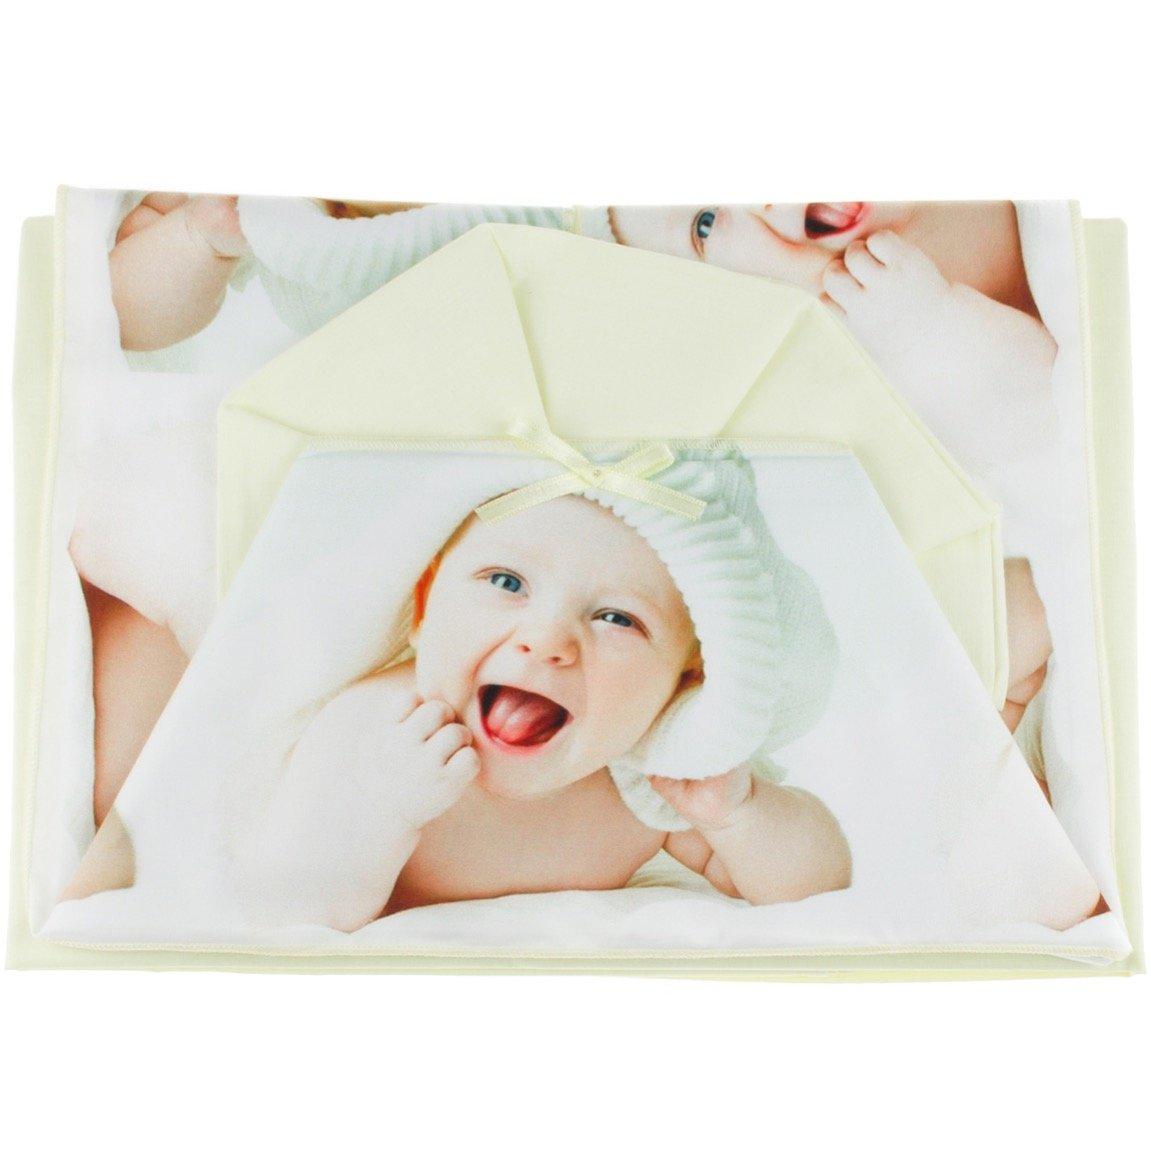 T&R σεντόνια σετ τριών τεμαχίων για παιδικό κρεβάτι (κούνια) «Yellow Cute Babe»